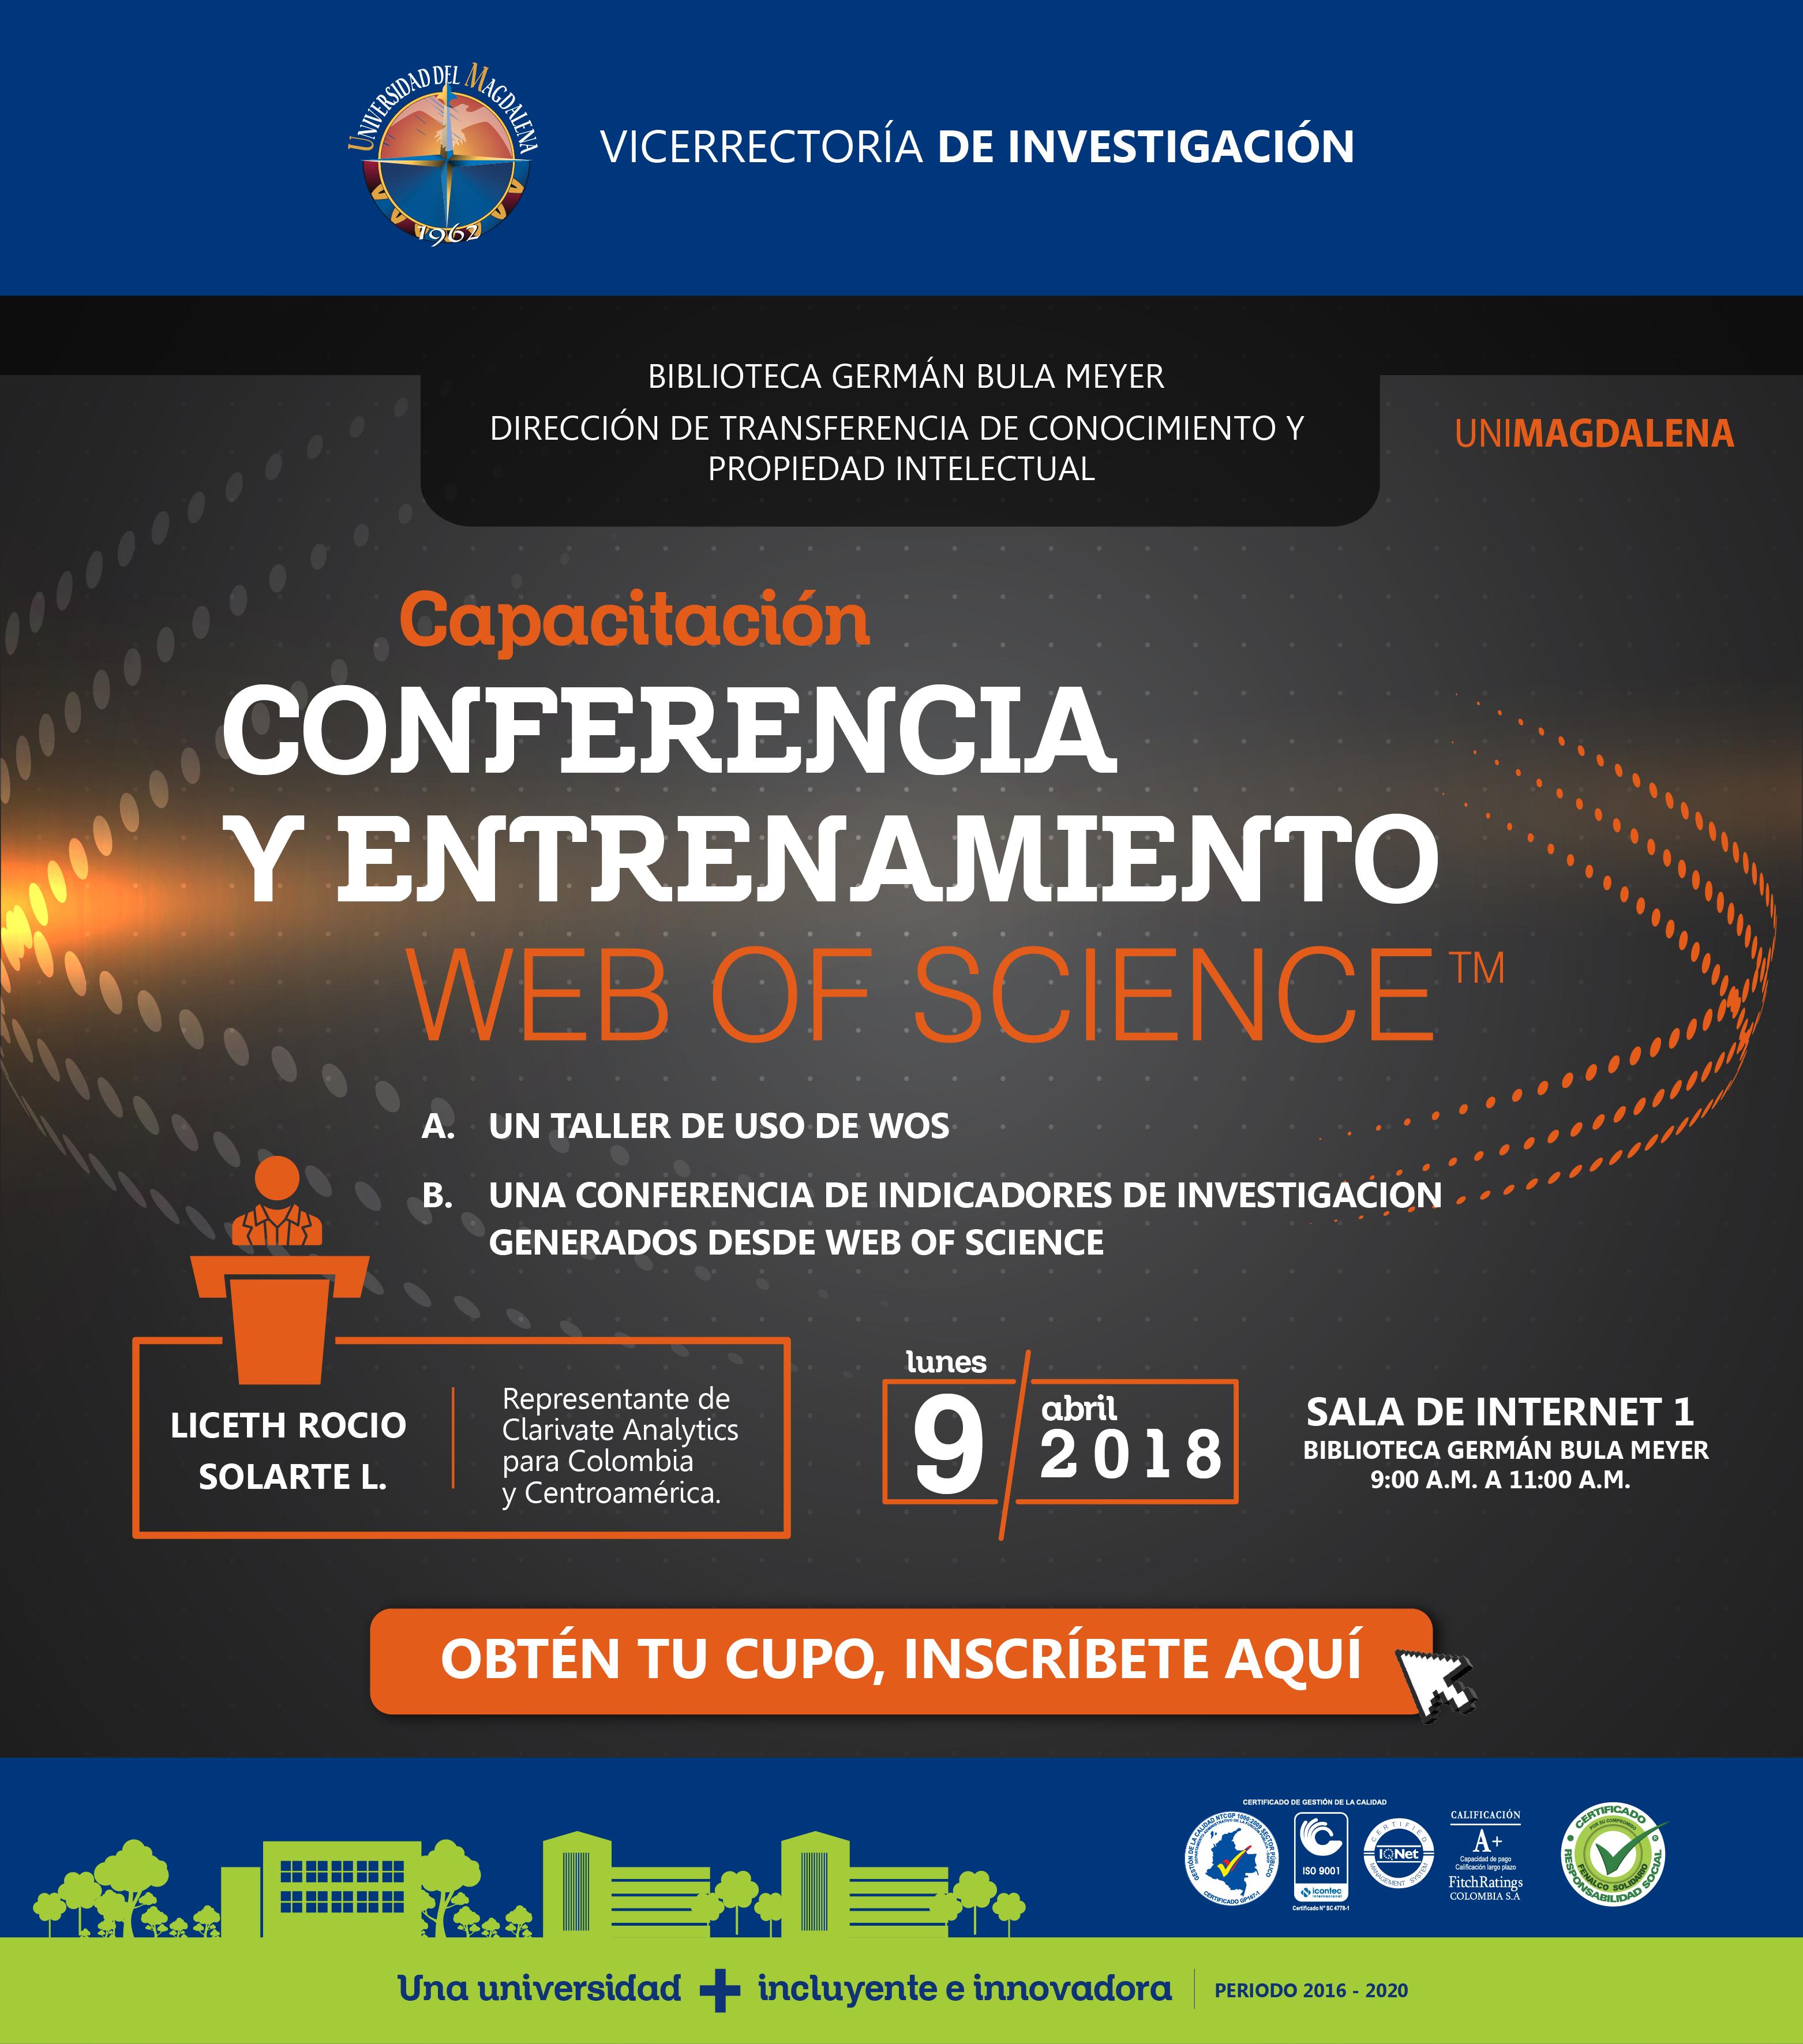 Capacitaci_n_web_of_science_4-2018-01